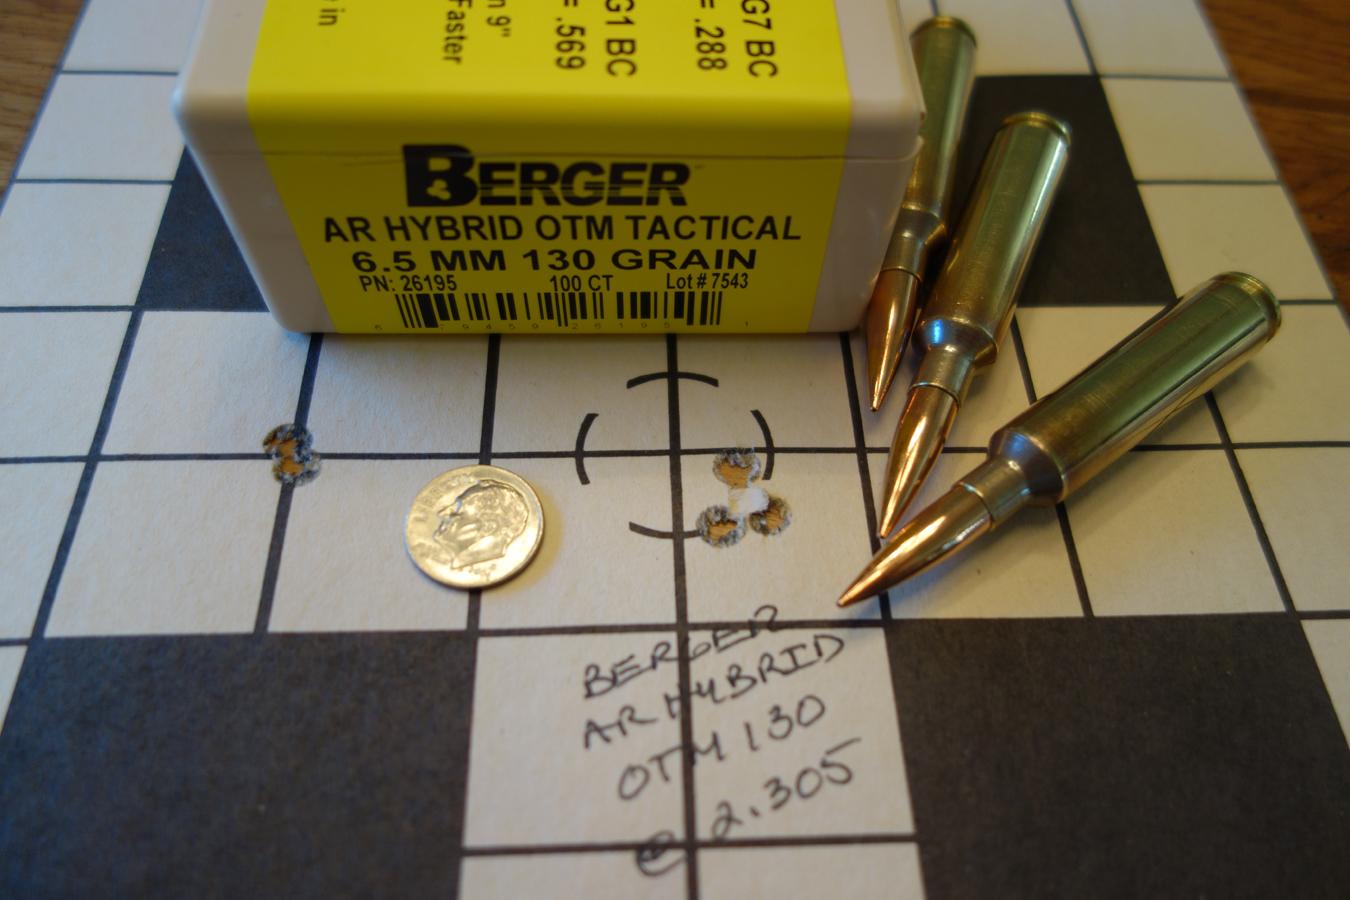 Berger 6 5 MM 130 Grain AR Hybrid: Deadly Accuracy